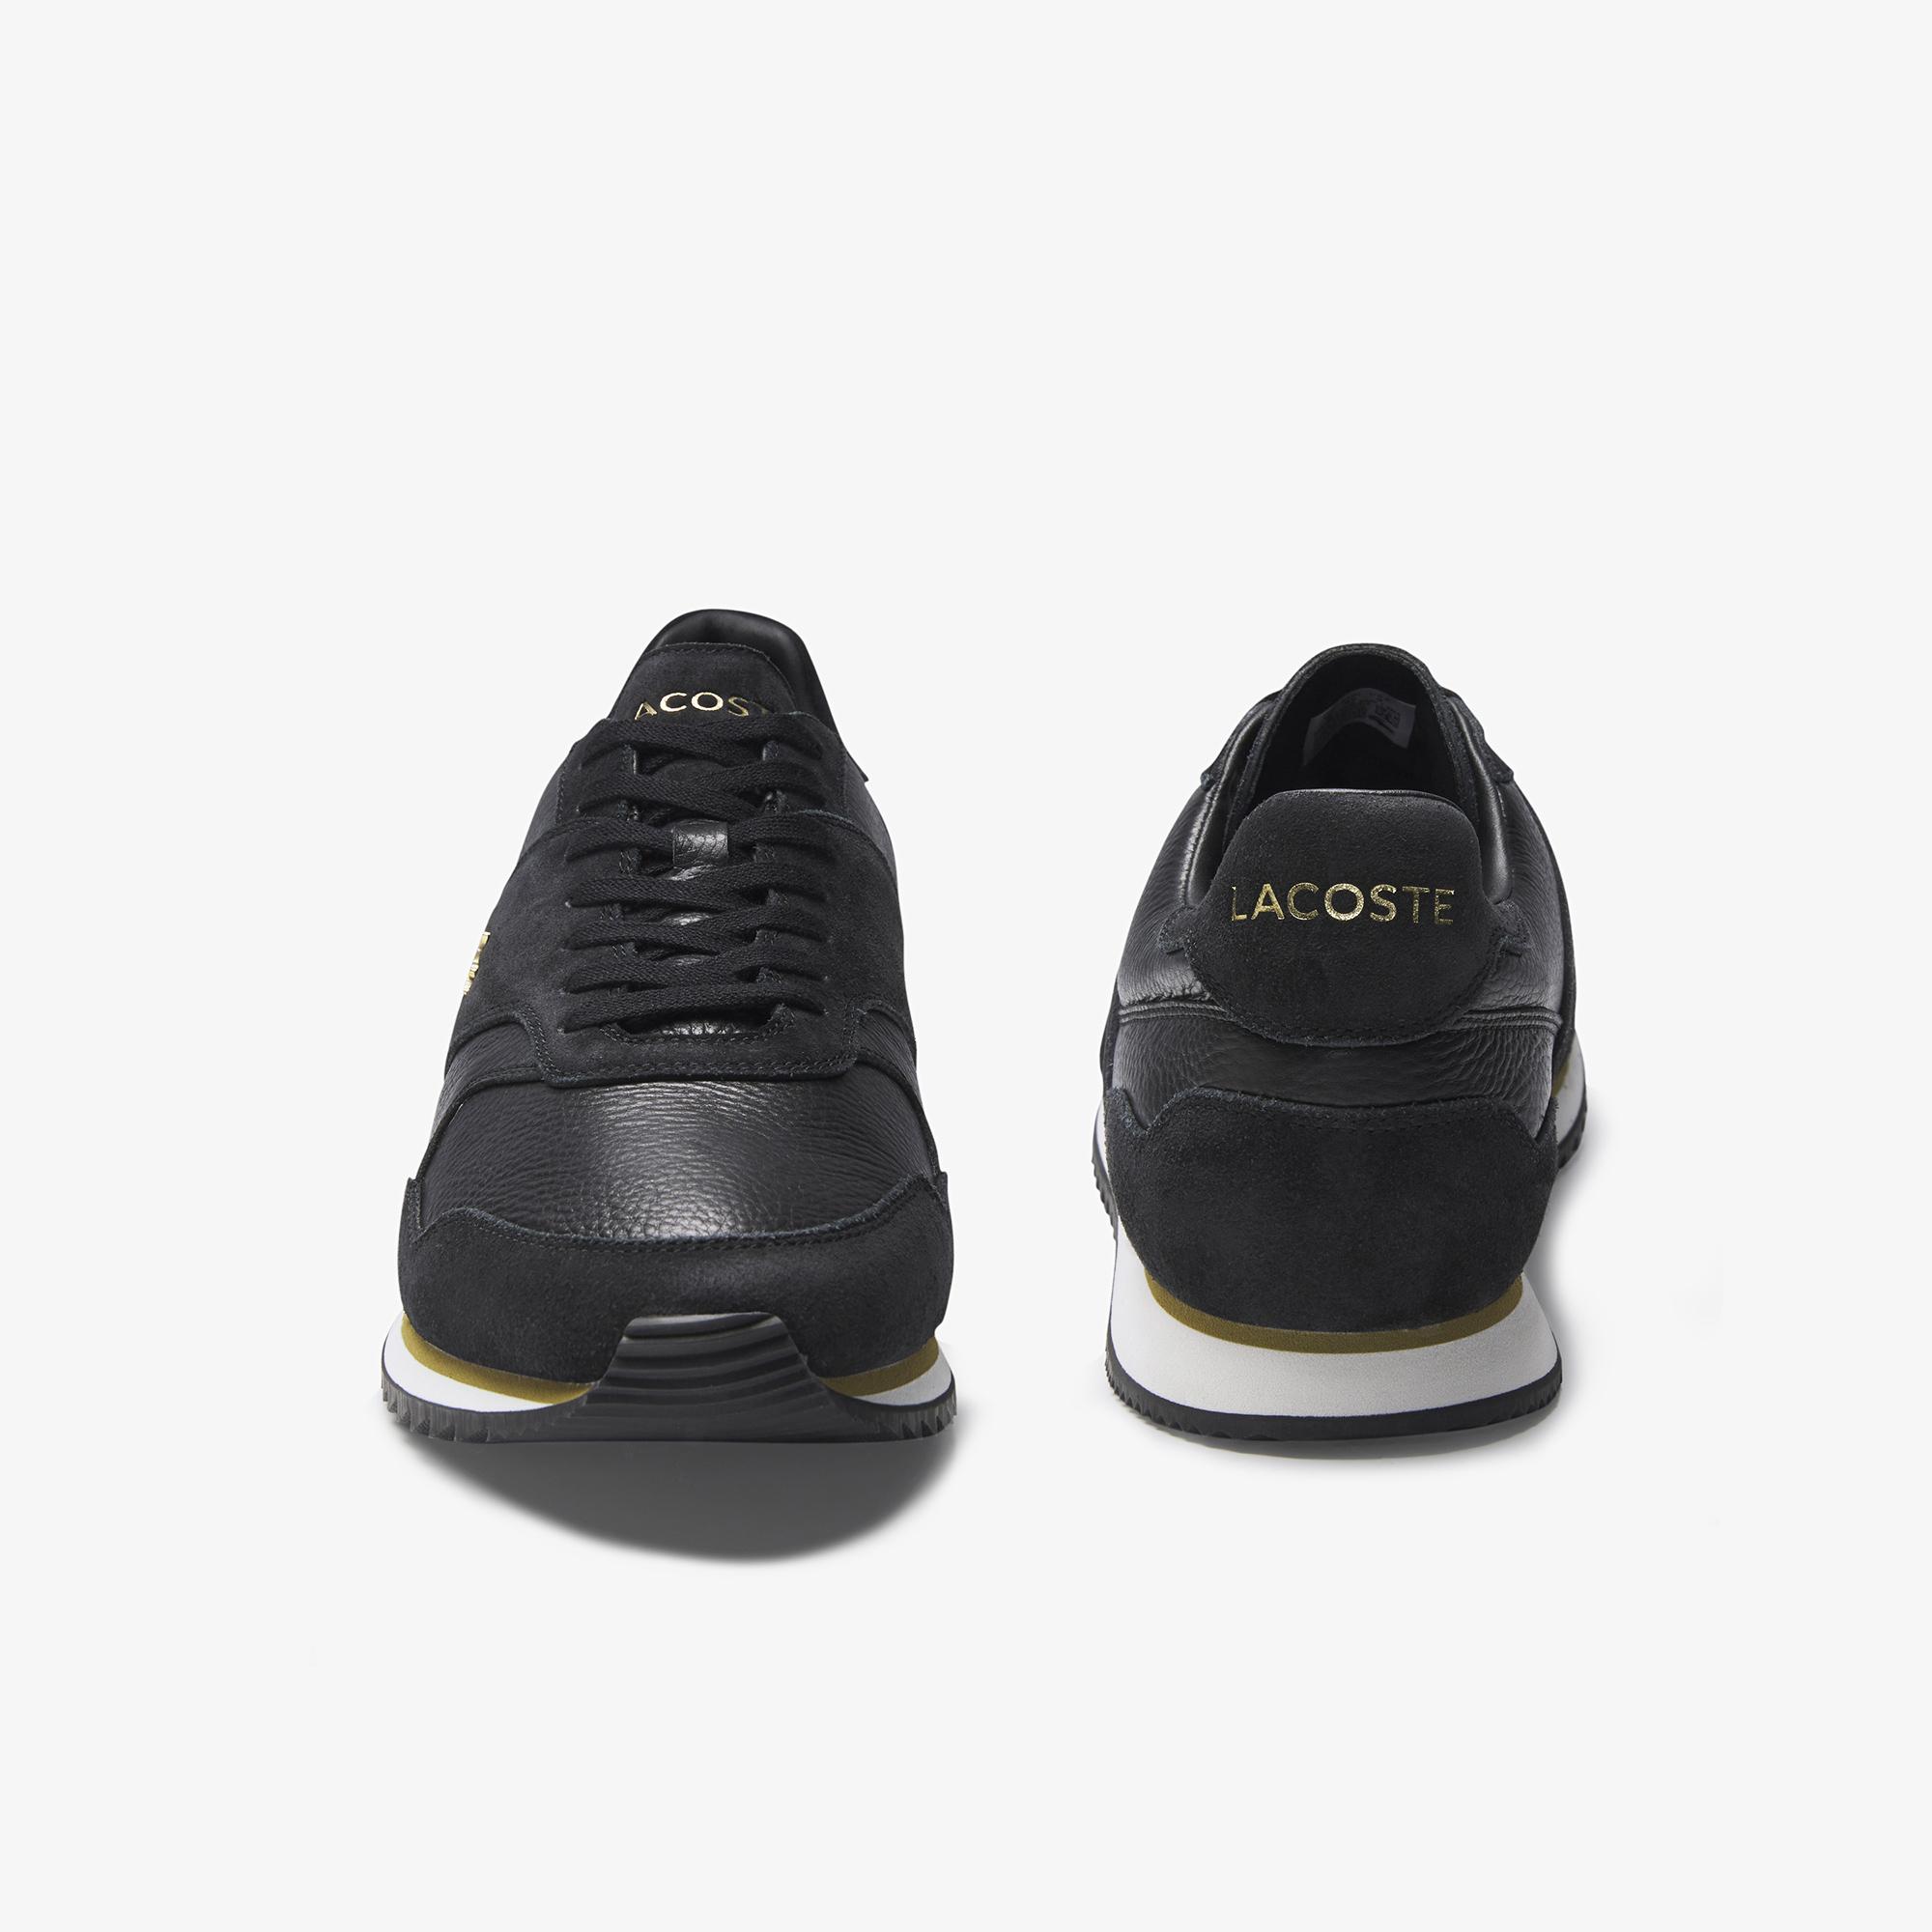 Кросівки чоловічі Lacoste AESTHET LUXE